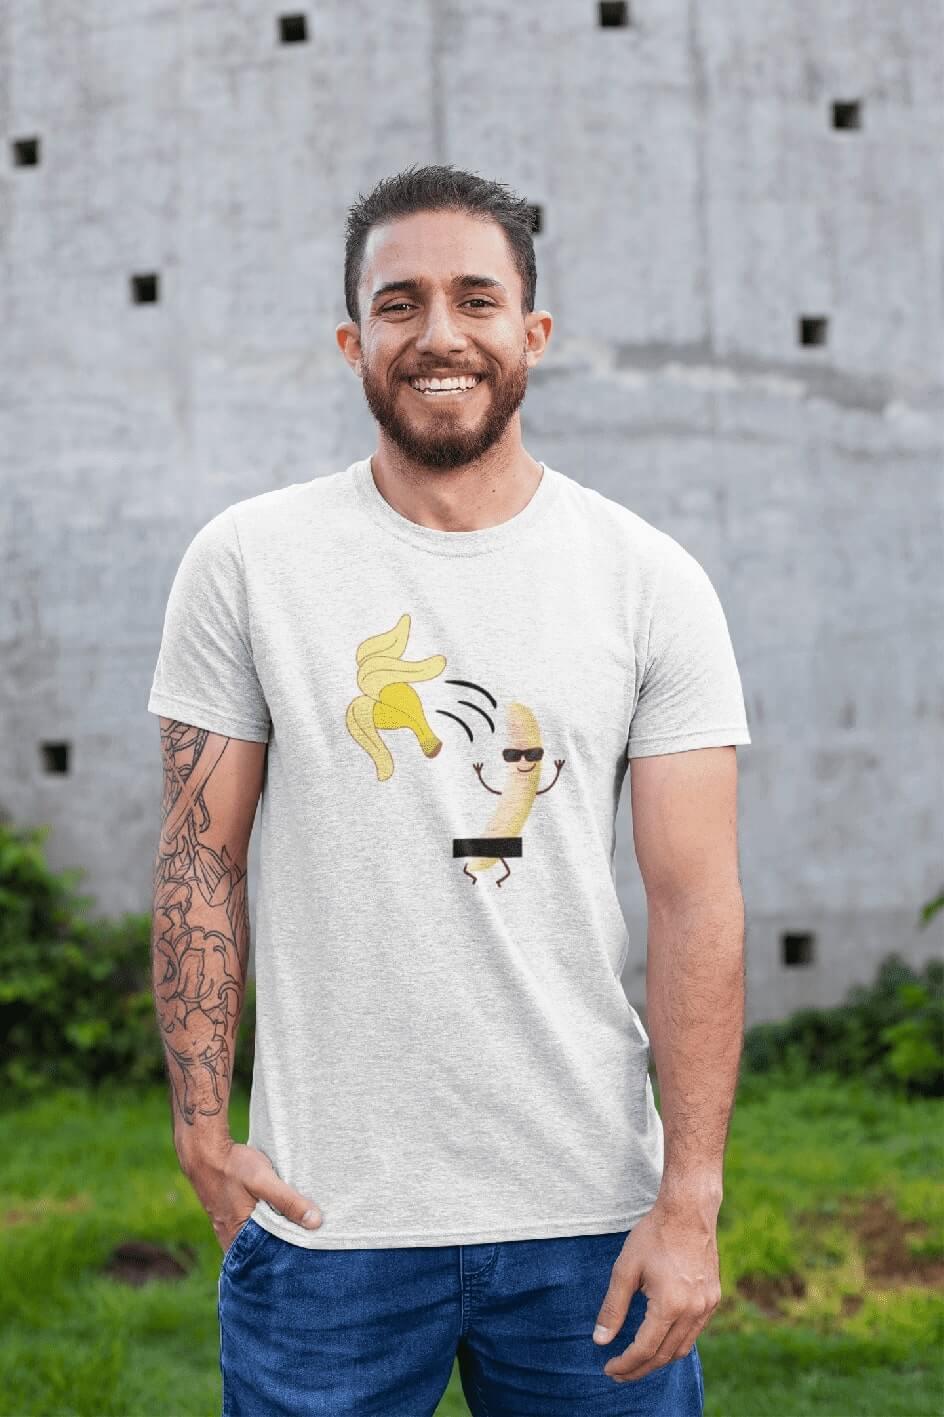 MMO Pánske tričko BANANA Vyberte farbu: Biela, Vyberte veľkosť: XS